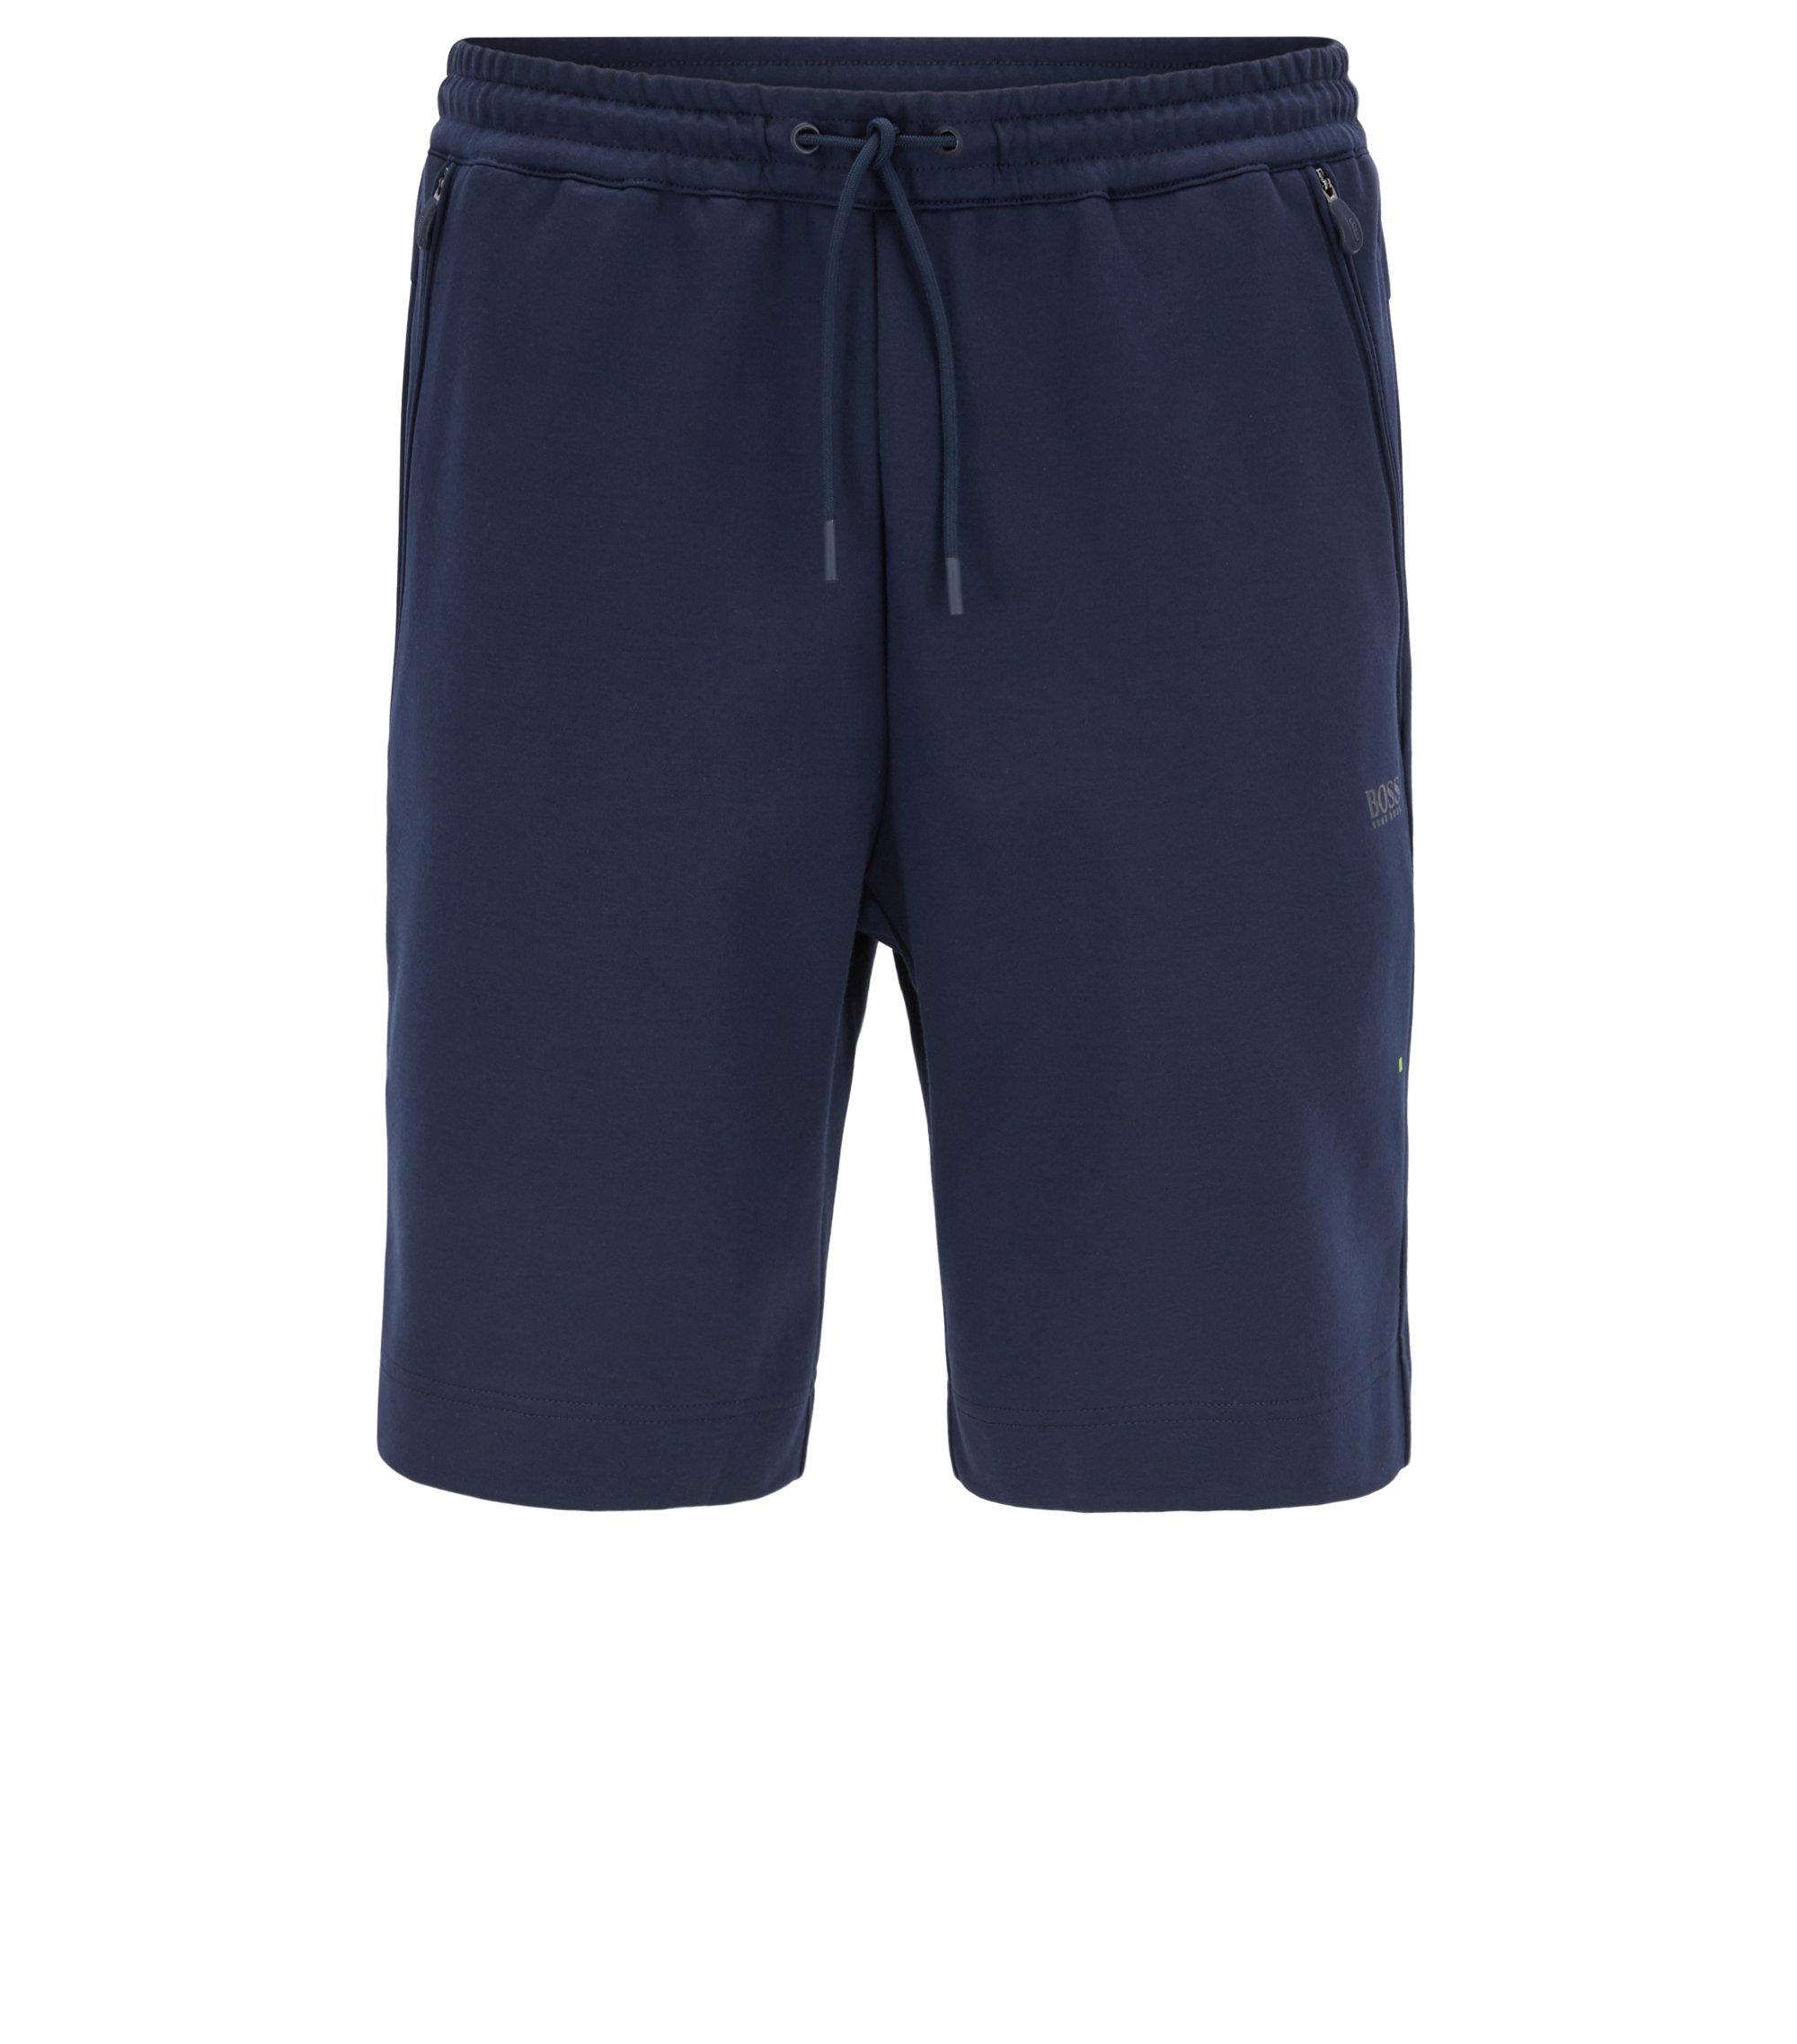 Pantaloncini resistenti alle intemperie in misto cotone, Blu scuro